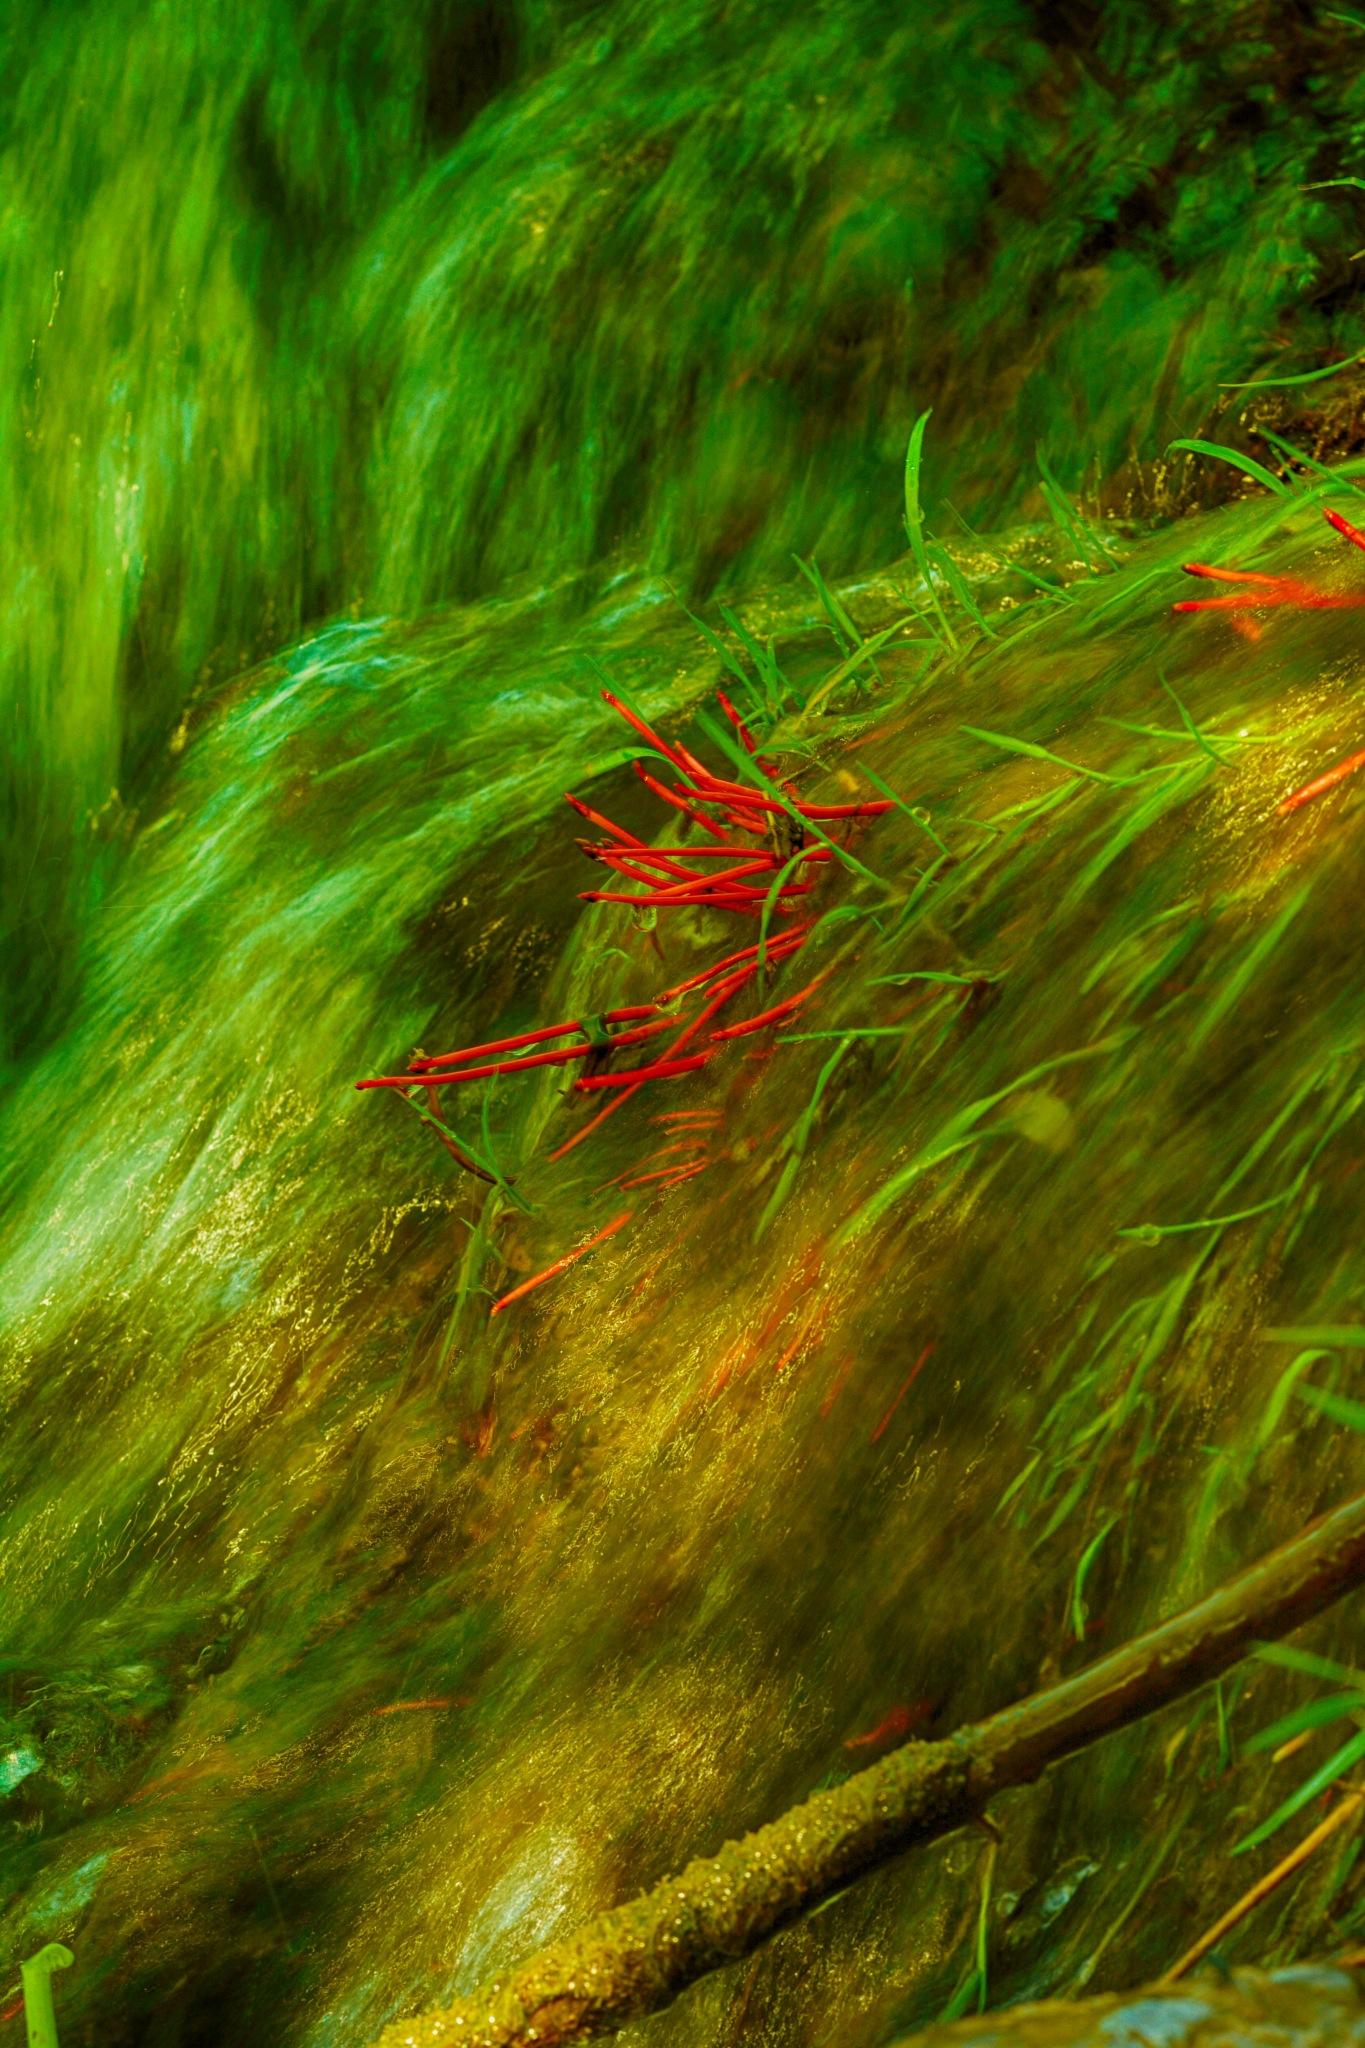 Red Sticks by kajen746